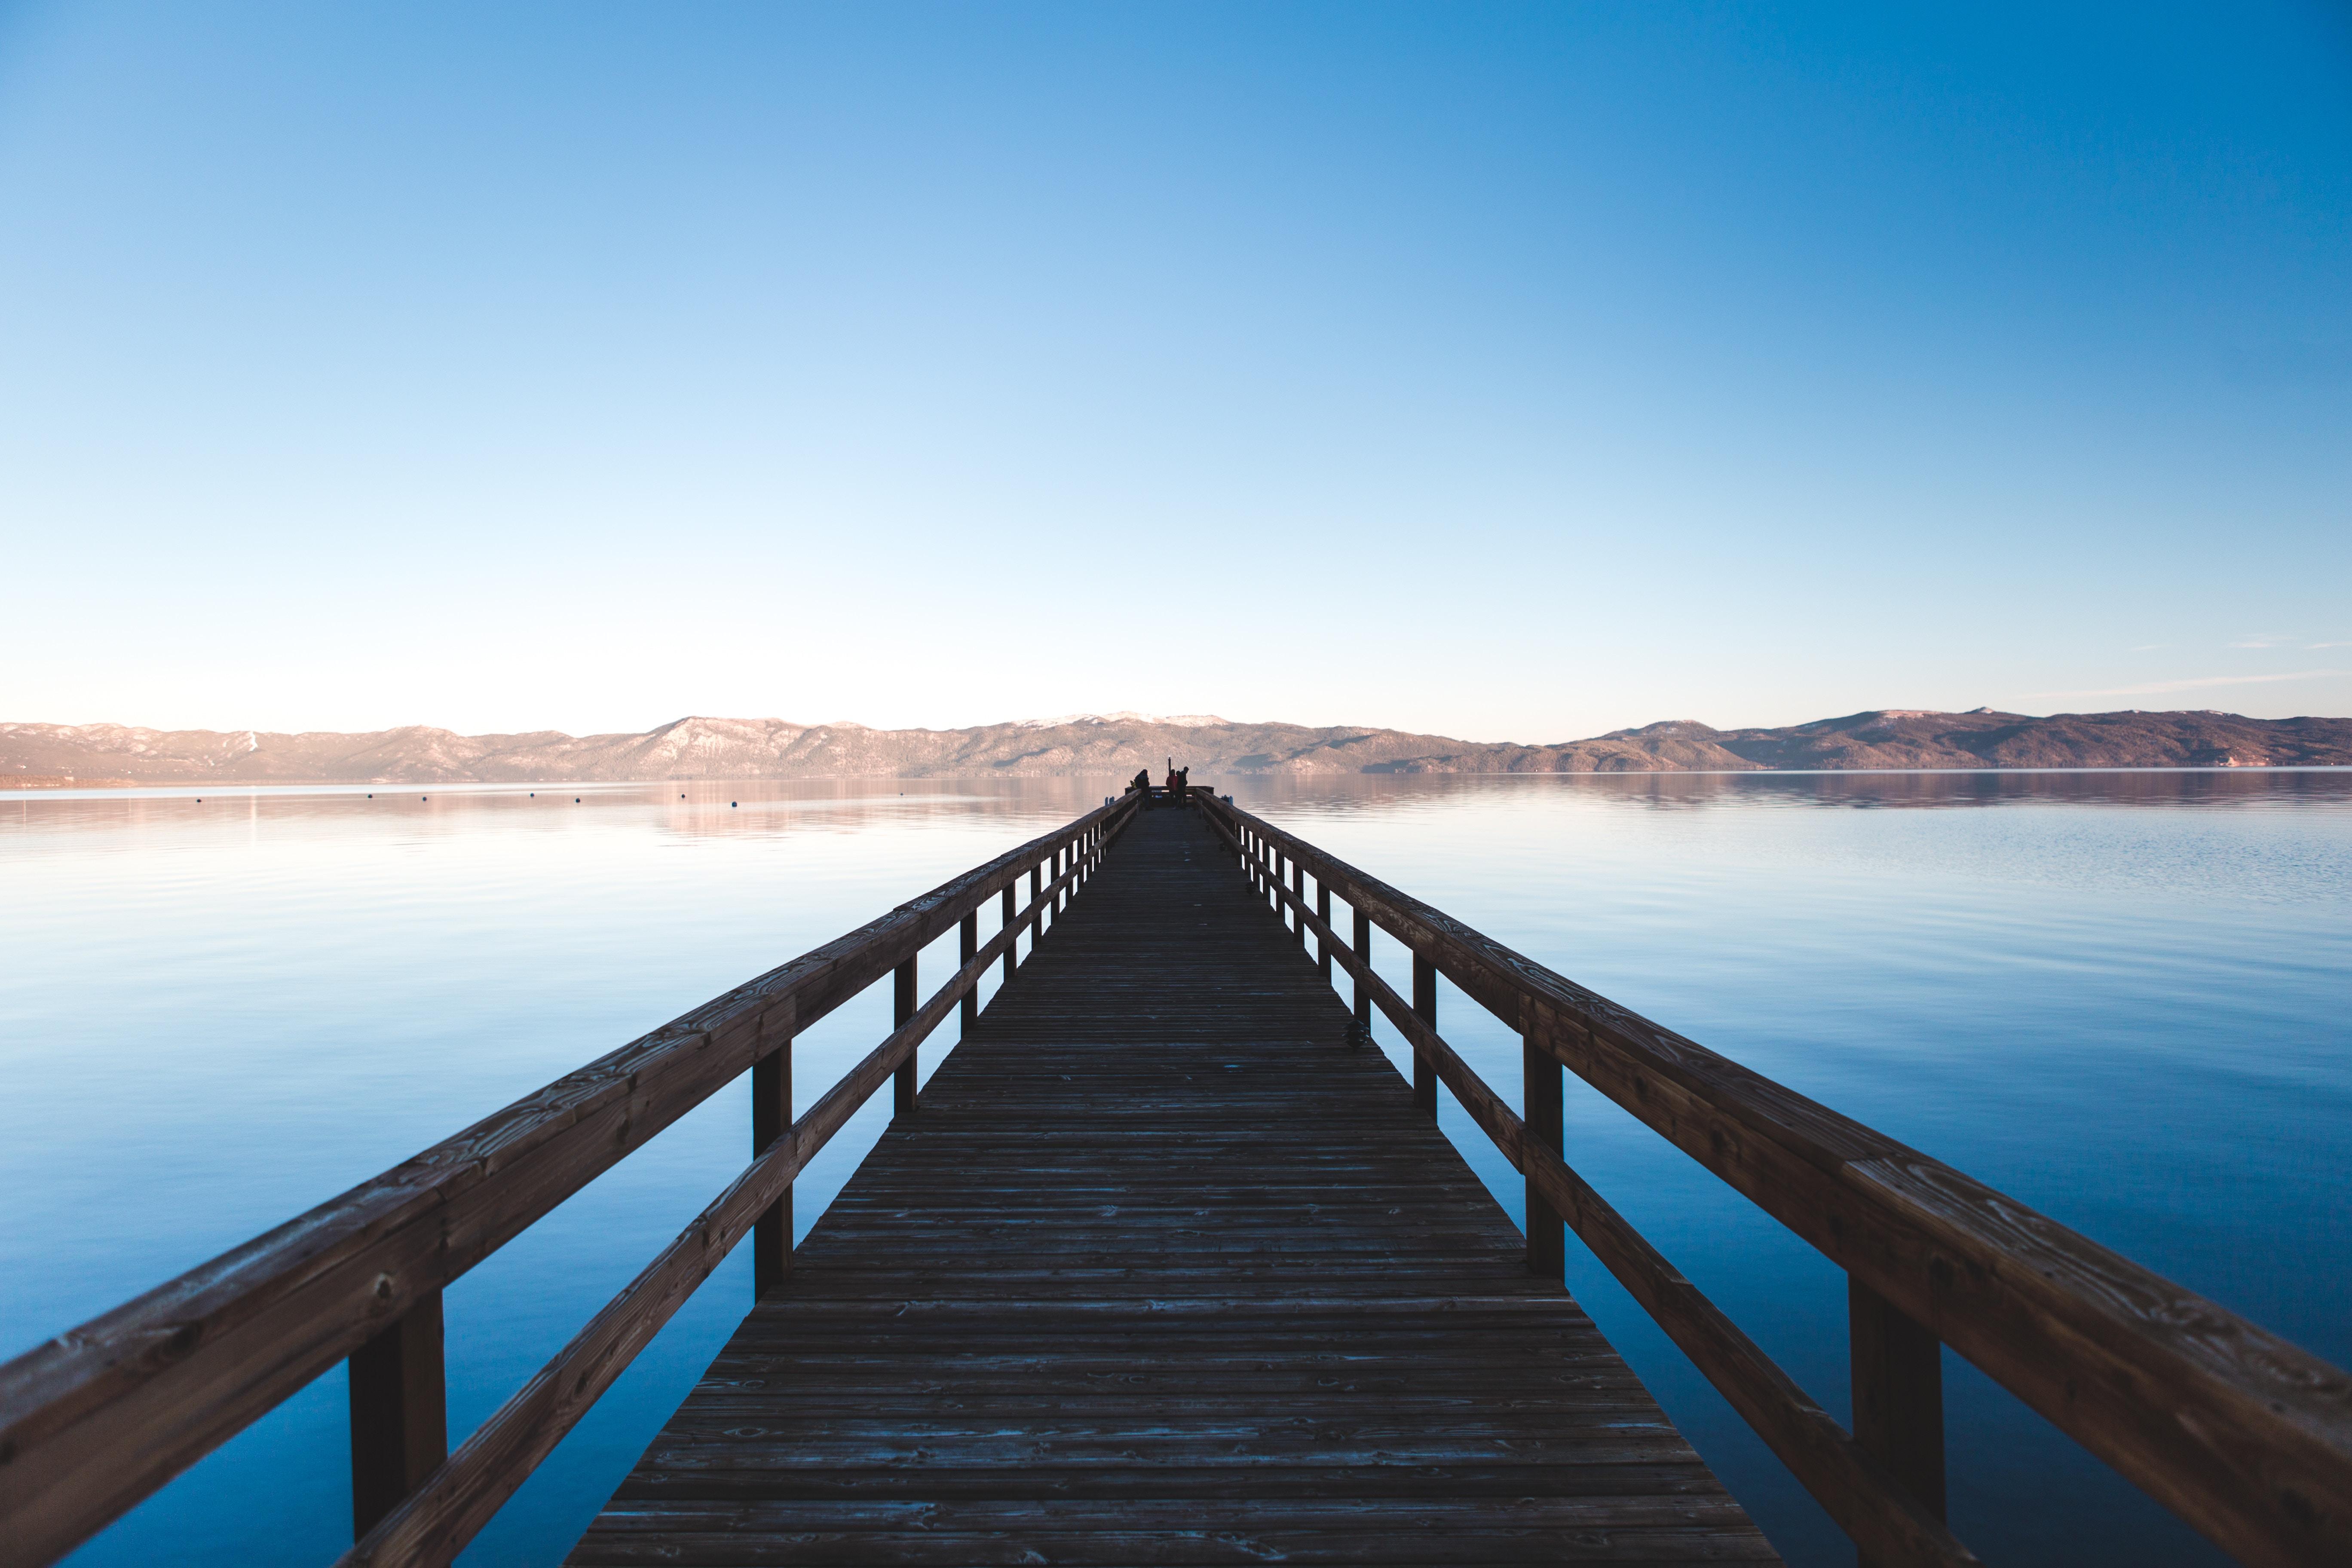 130930 Hintergrundbild 128x160 kostenlos auf deinem Handy, lade Bilder Natur, Sky, Horizont, Brücke 128x160 auf dein Handy herunter